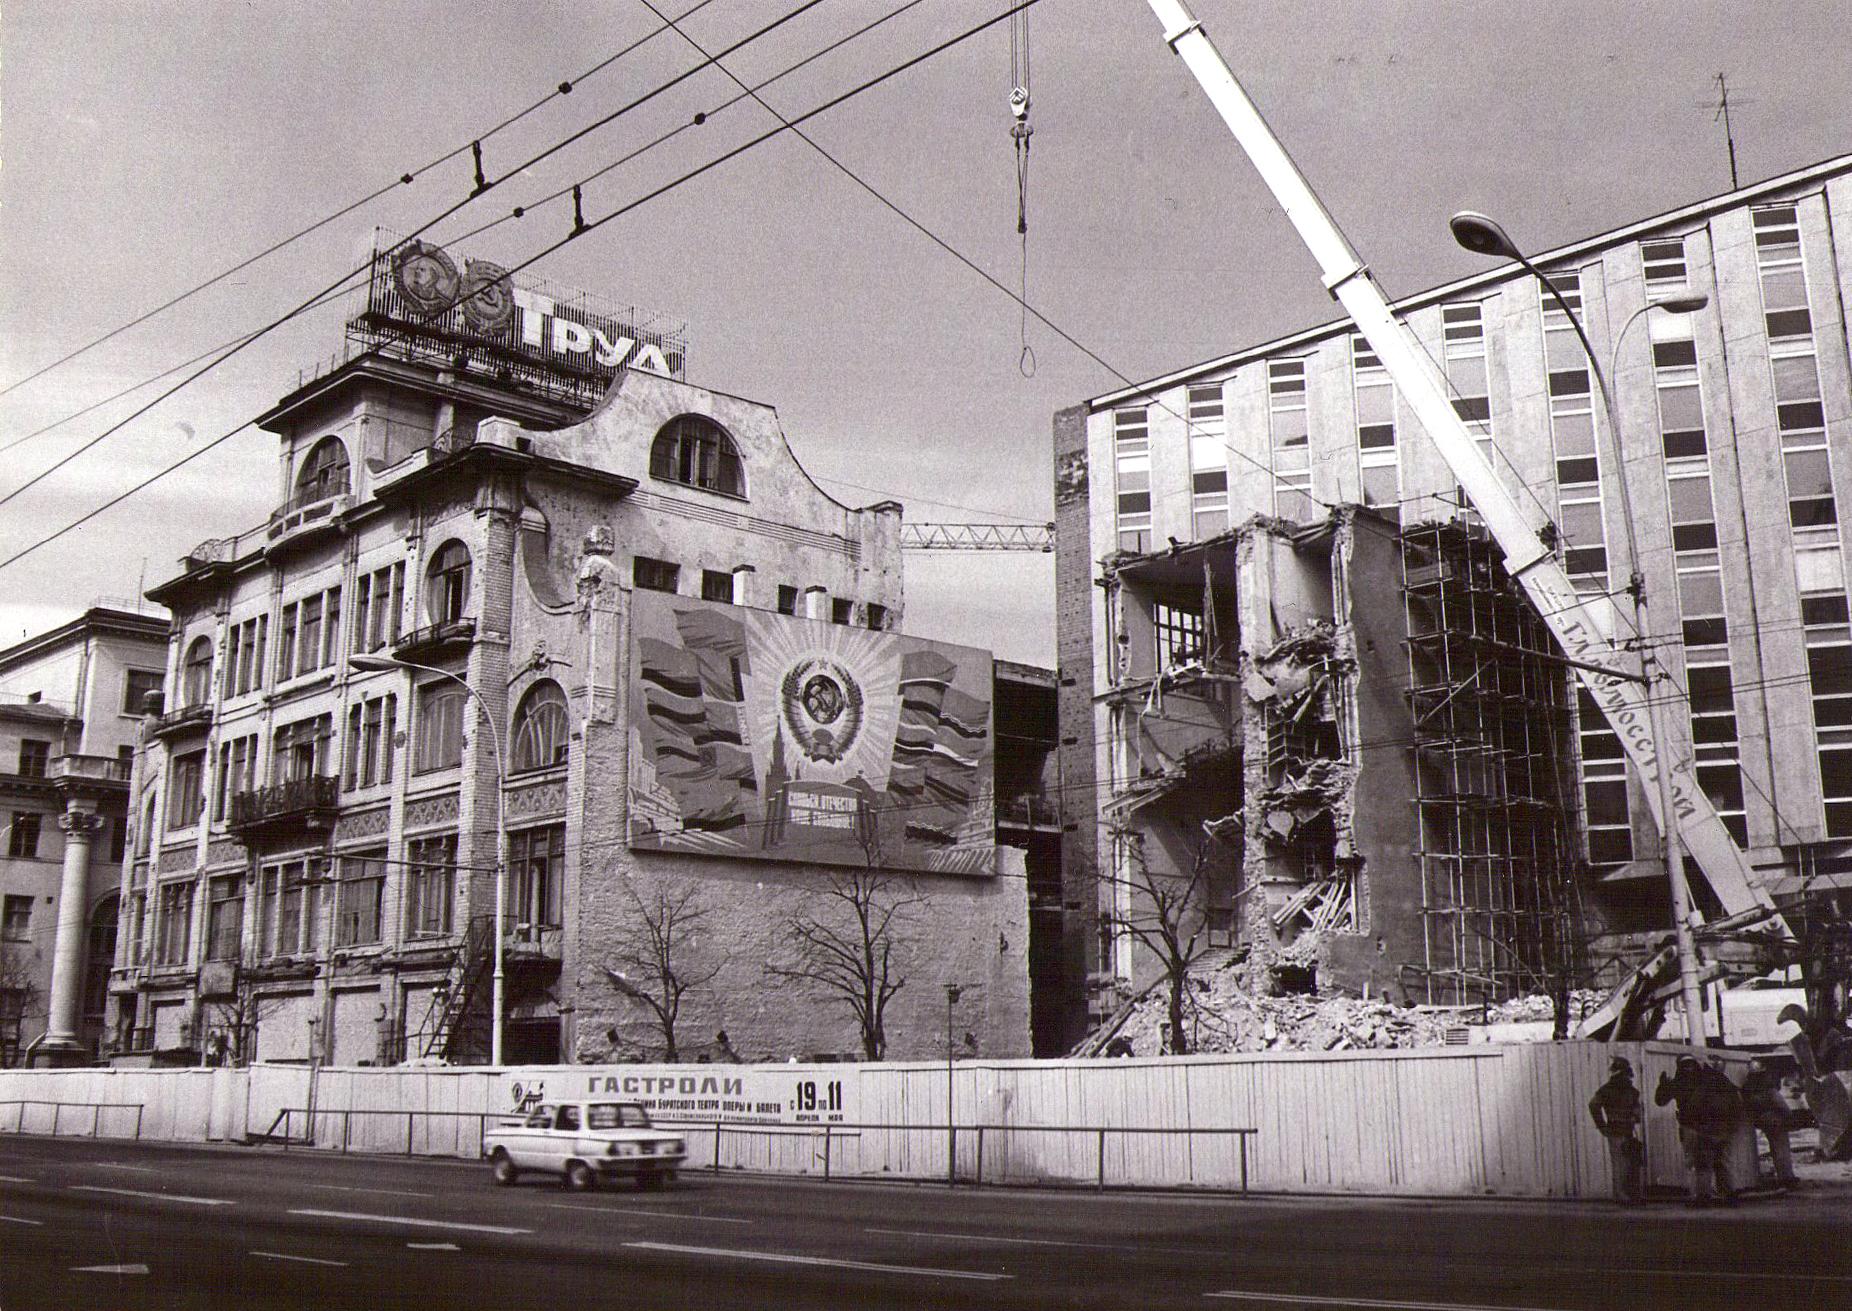 Реконструкция в Москве - улицы